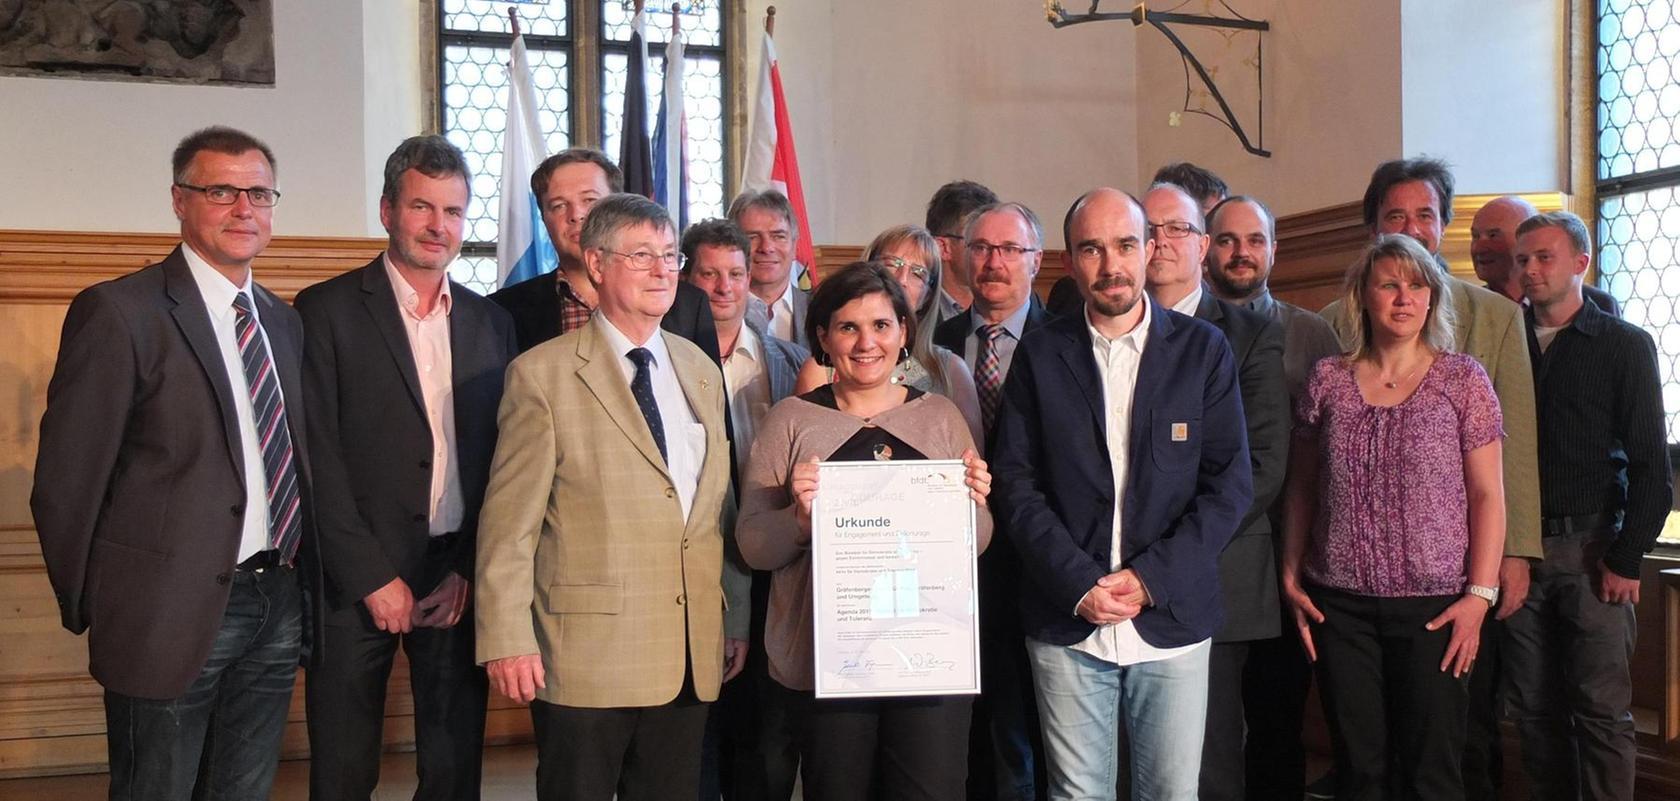 Das Gräfenberger Sportbündnis mit Sprecher Ludwig Haas (4. v. li.), Karolina Michl (mit Urkunde) und Christian Schönfelder (3. v. li.) war mit knapp 30 Personen eine der größten Delegationen bei der Preisverleihung in Nürnberg.